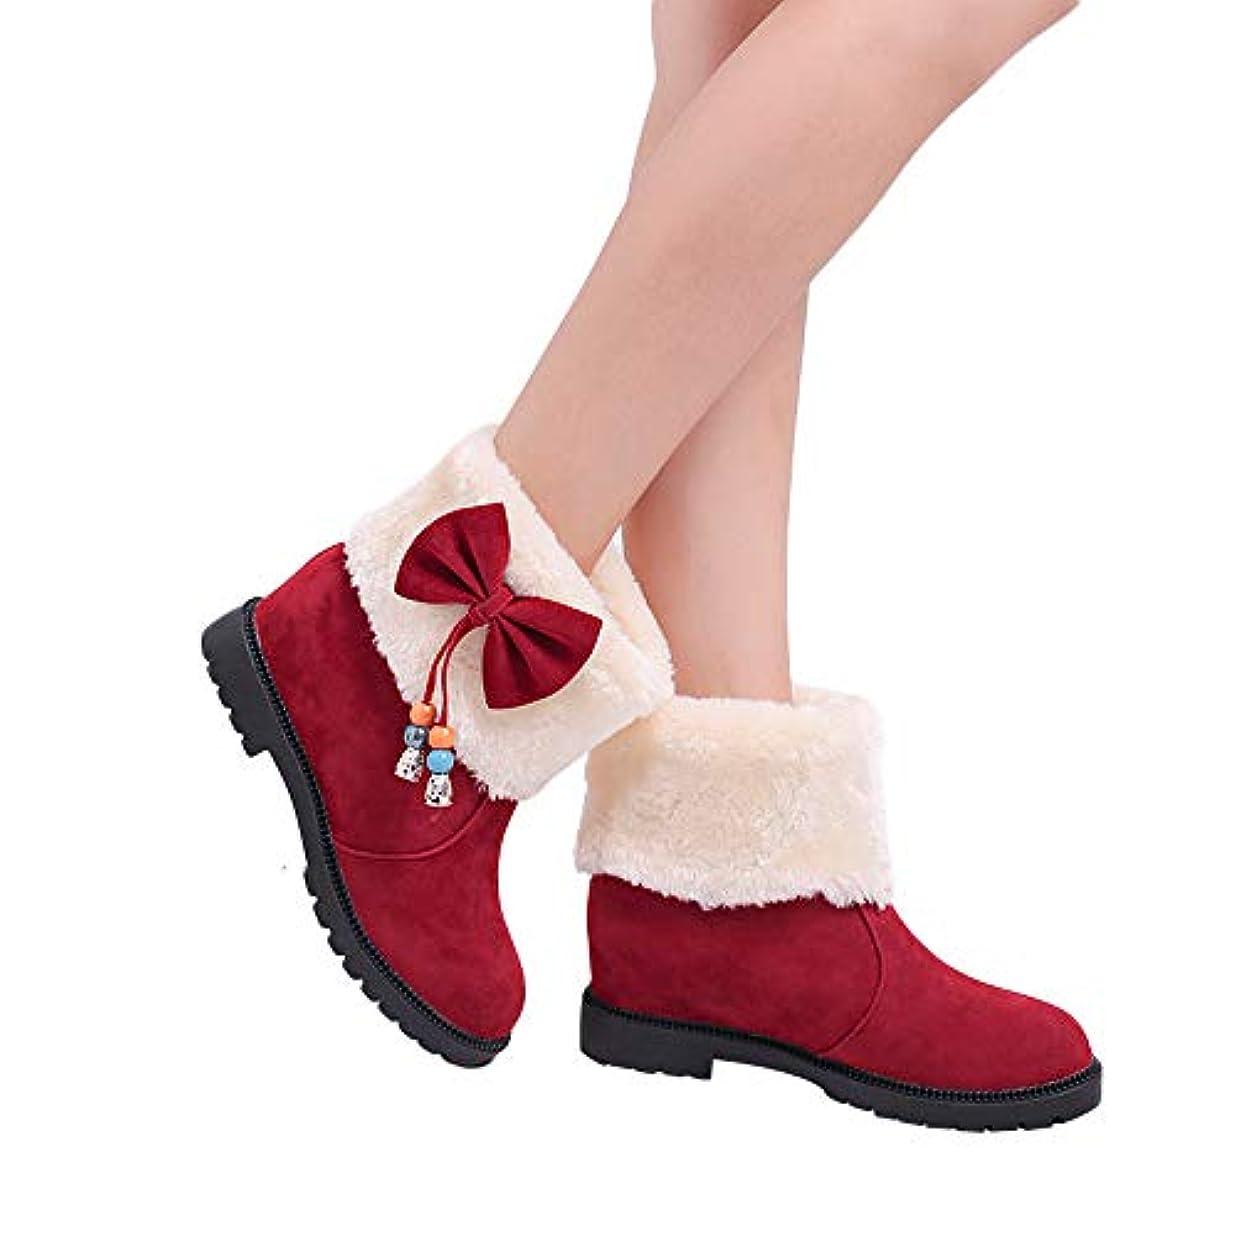 可聴任命する解明する[ショートブーツ] レディース wileqep 春秋冬 スノーブーツ ブーツ マーチンブーツ 編み上げ ジッパー レースアップ 編み上げ 大きいサイズ プラッシュ コスプレ 痛くない 靴 スクエアヒール カジュアル 人気 可愛い 歩きやすい ぺたんこ靴